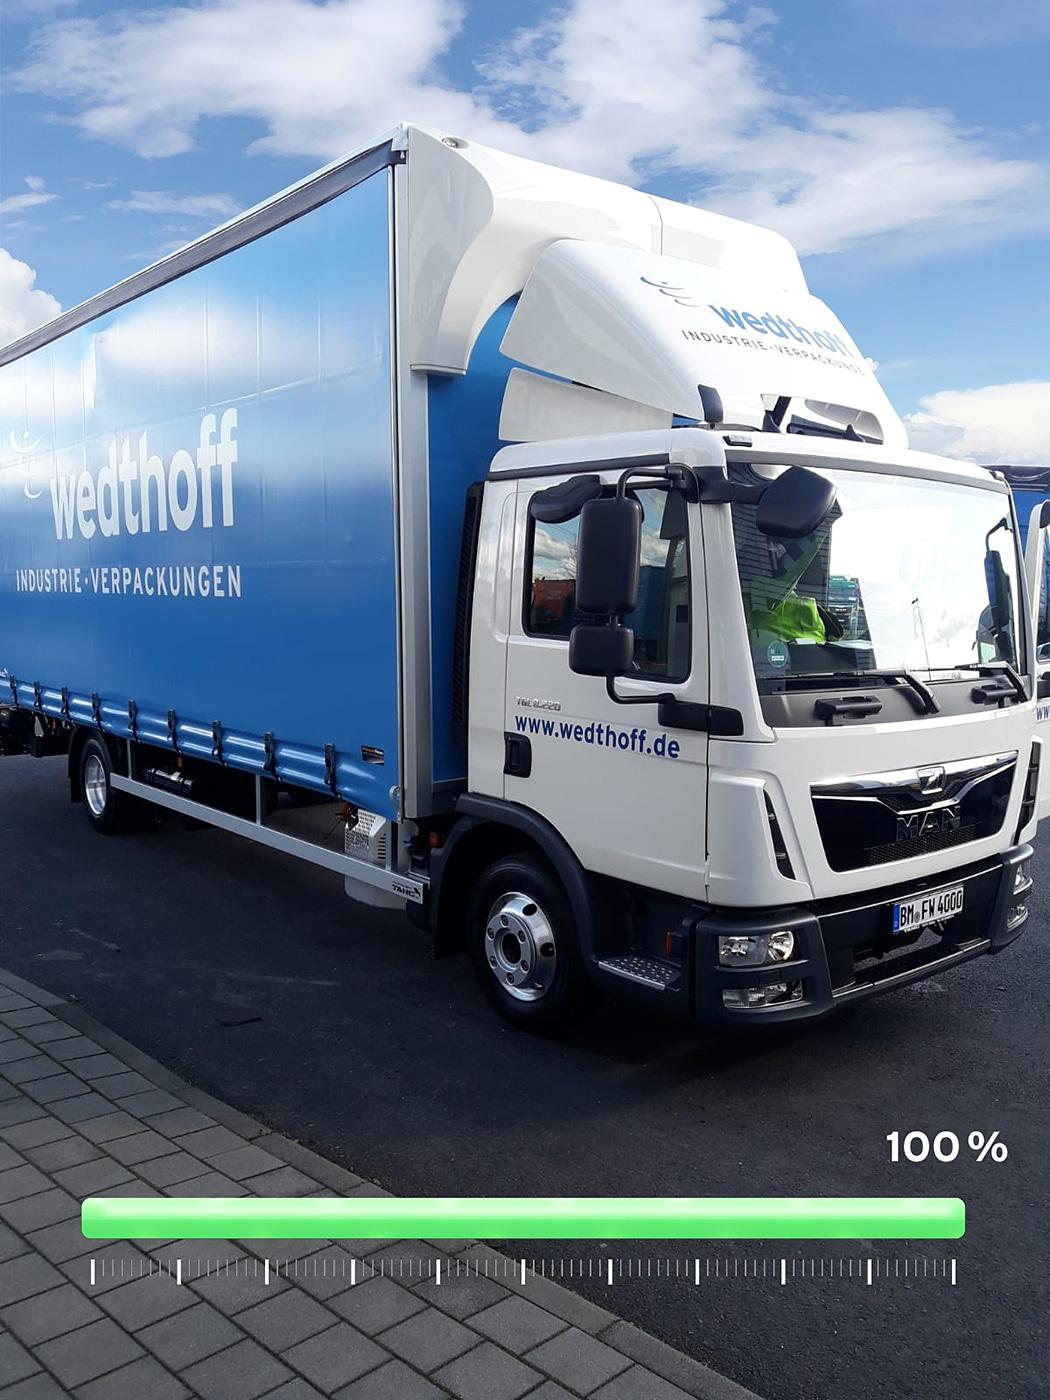 WEDTHOFF Industrieverpackungen. Lieferungen der Gefahrgutverpackunegn komplett mit Euro Norm 4. Grüne Zonen in NRW wir kommen